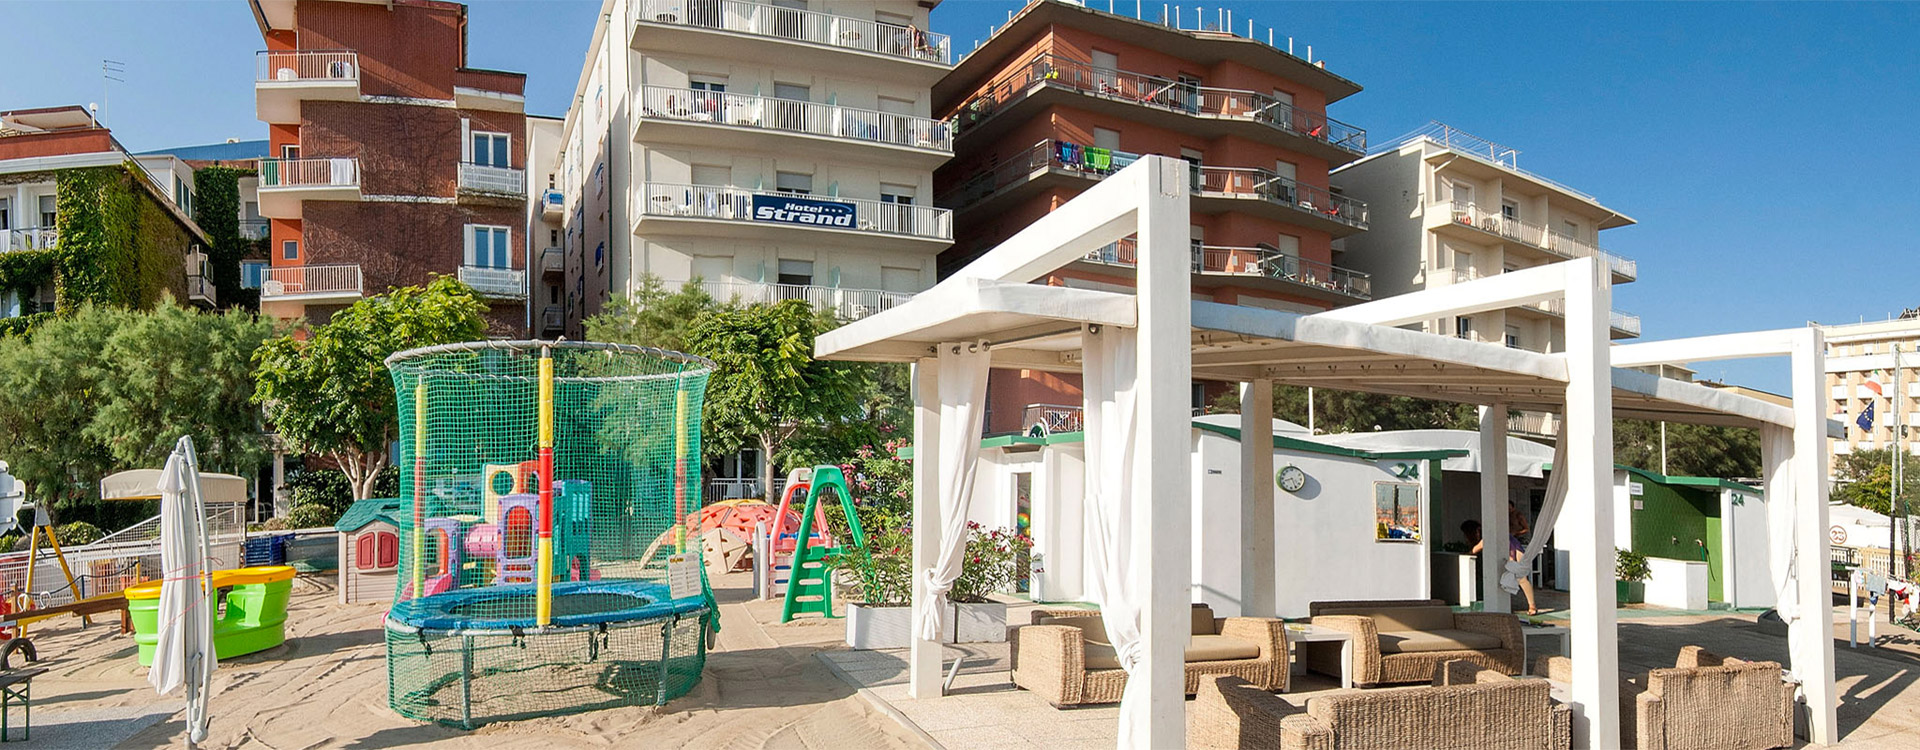 Hotel sul mare gabicce for Hotel barcellona sul mare